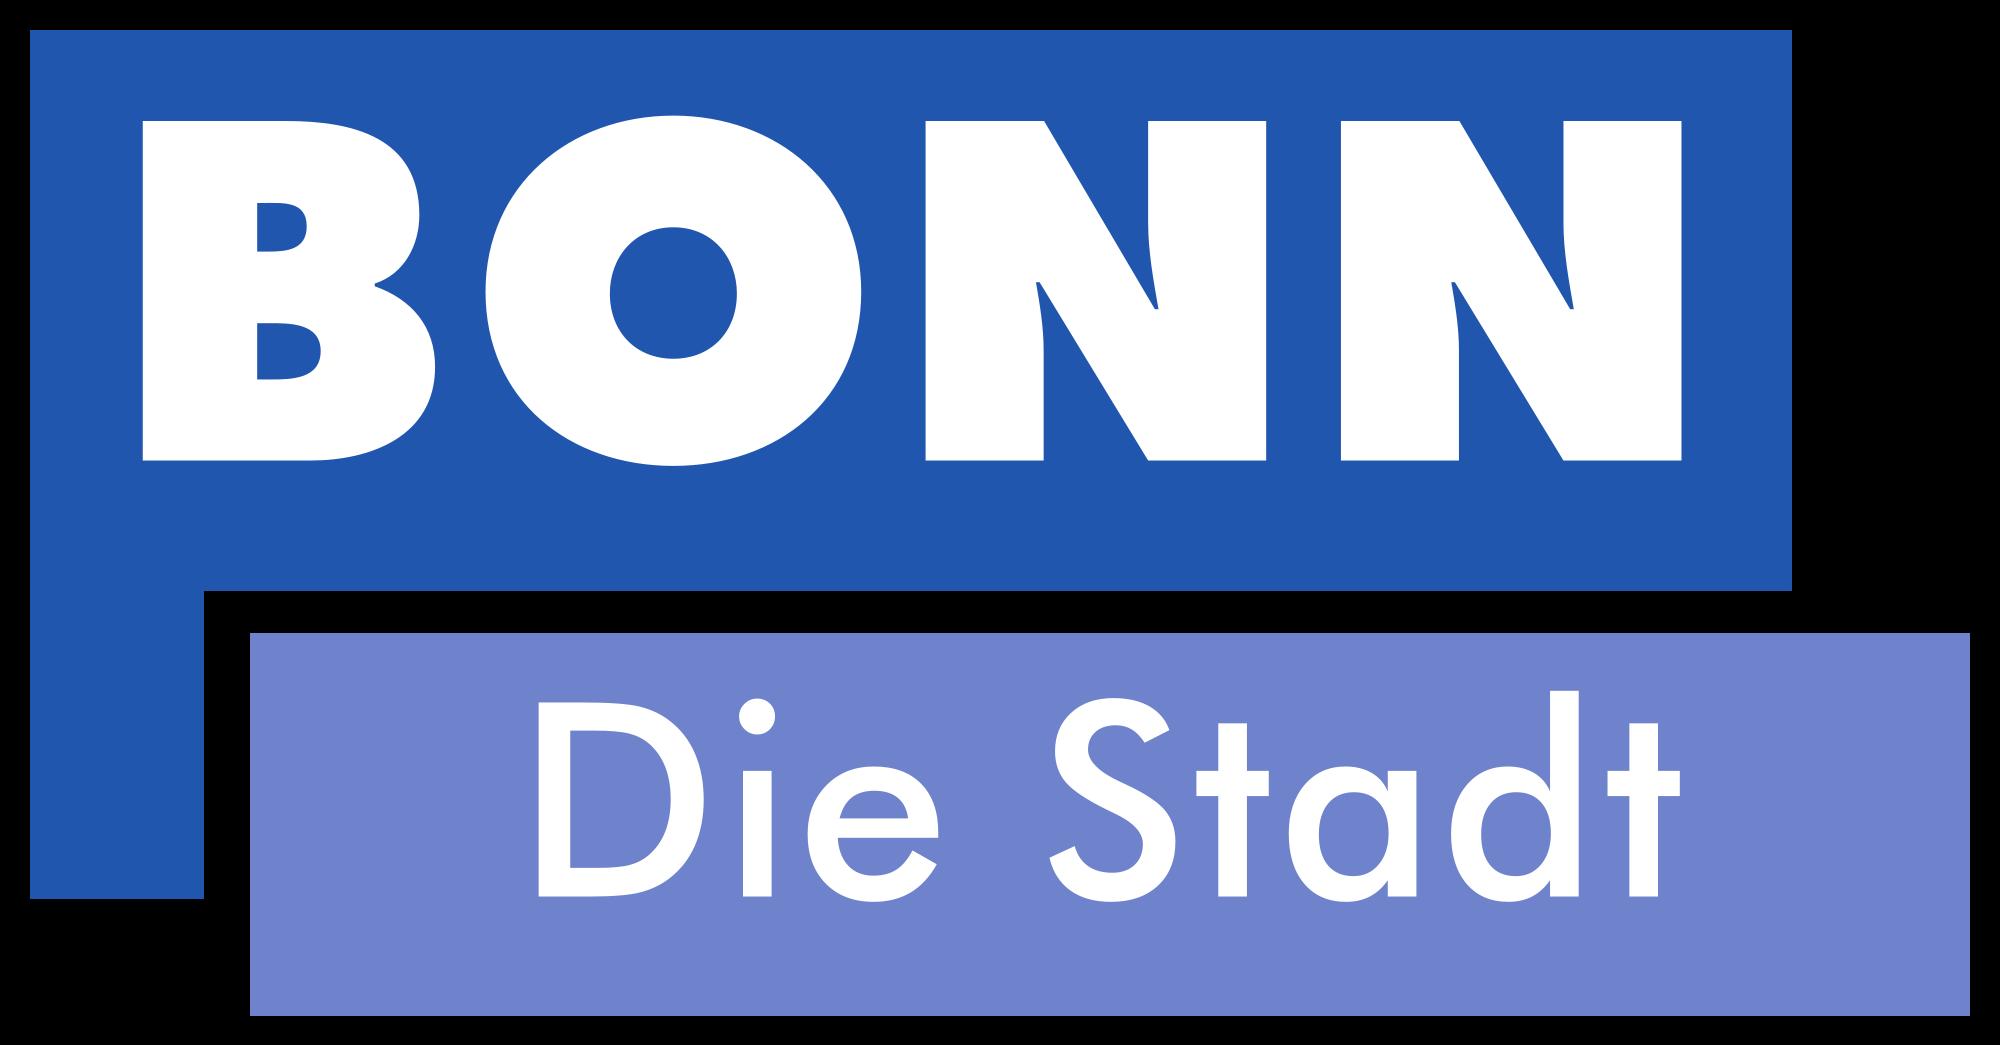 Bonn die Stadt MSS Security